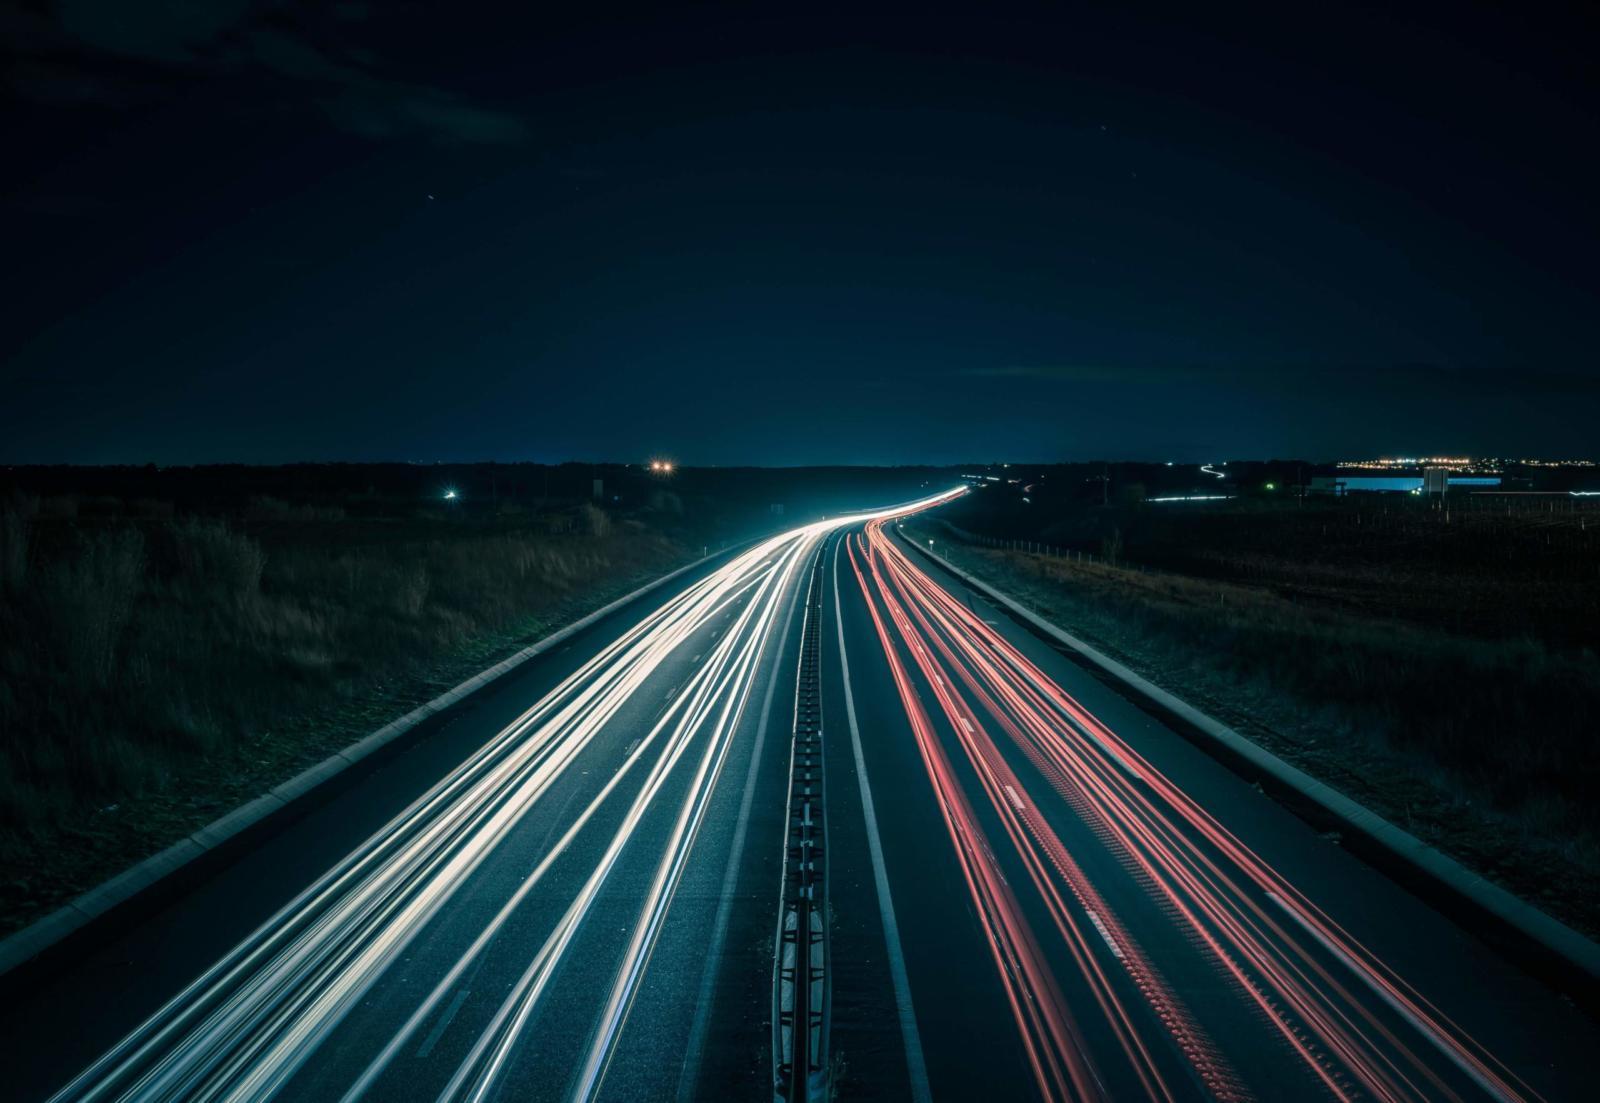 fartgrænser på motorvej